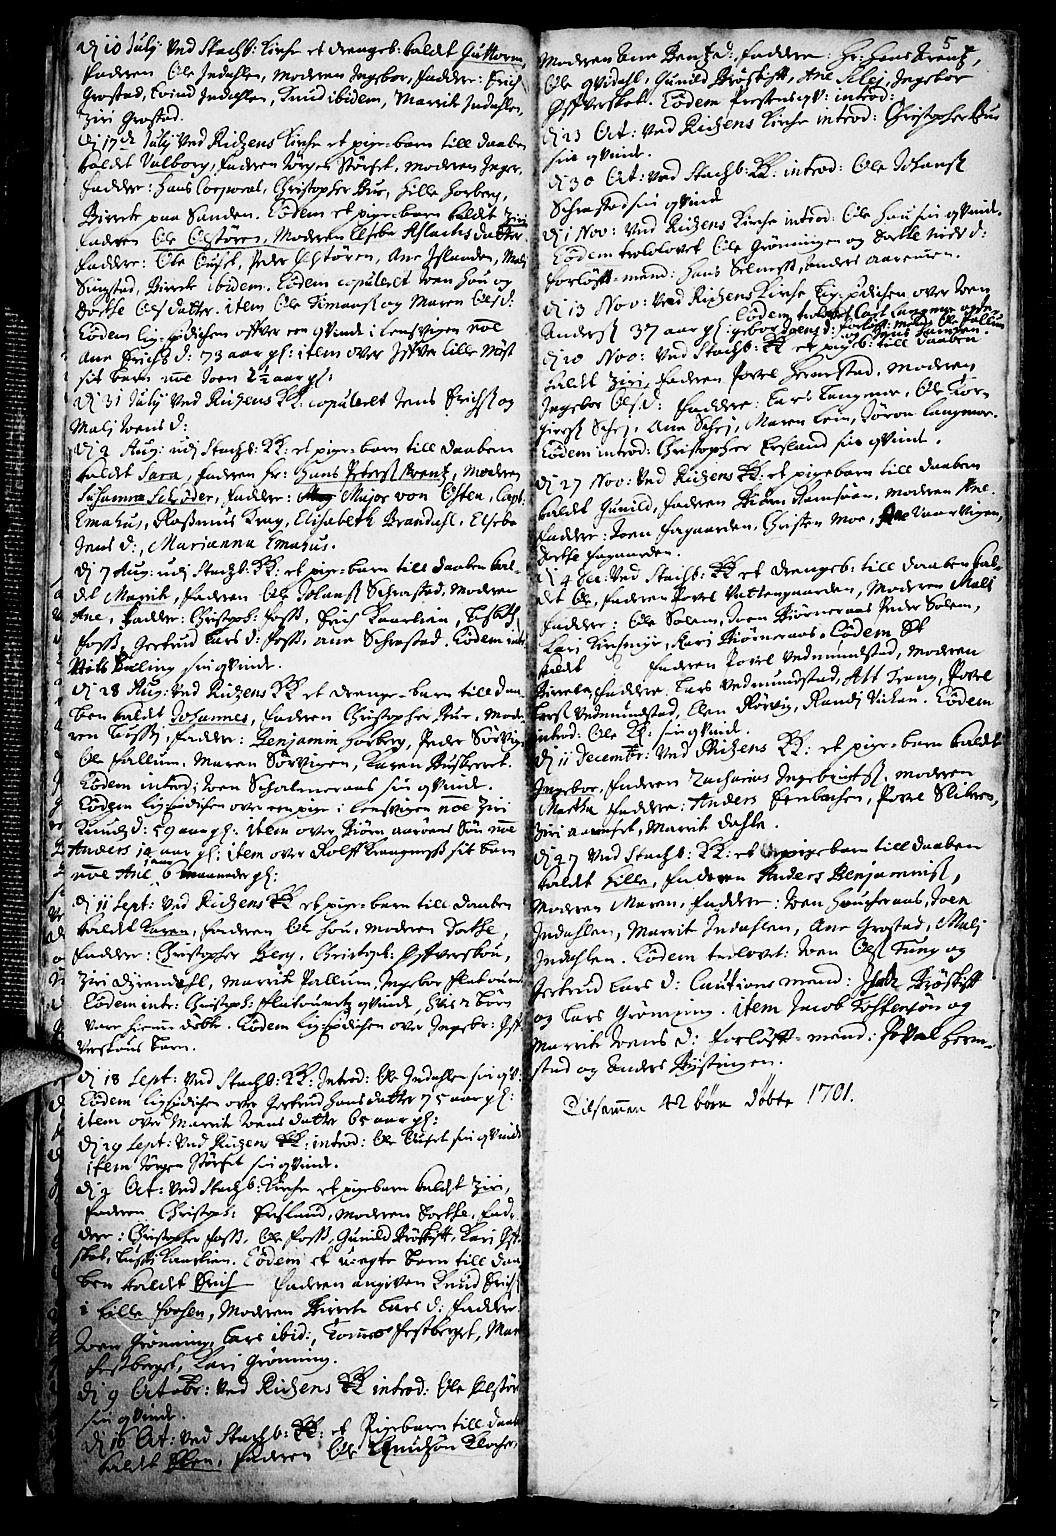 SAT, Ministerialprotokoller, klokkerbøker og fødselsregistre - Sør-Trøndelag, 646/L0603: Ministerialbok nr. 646A01, 1700-1734, s. 5